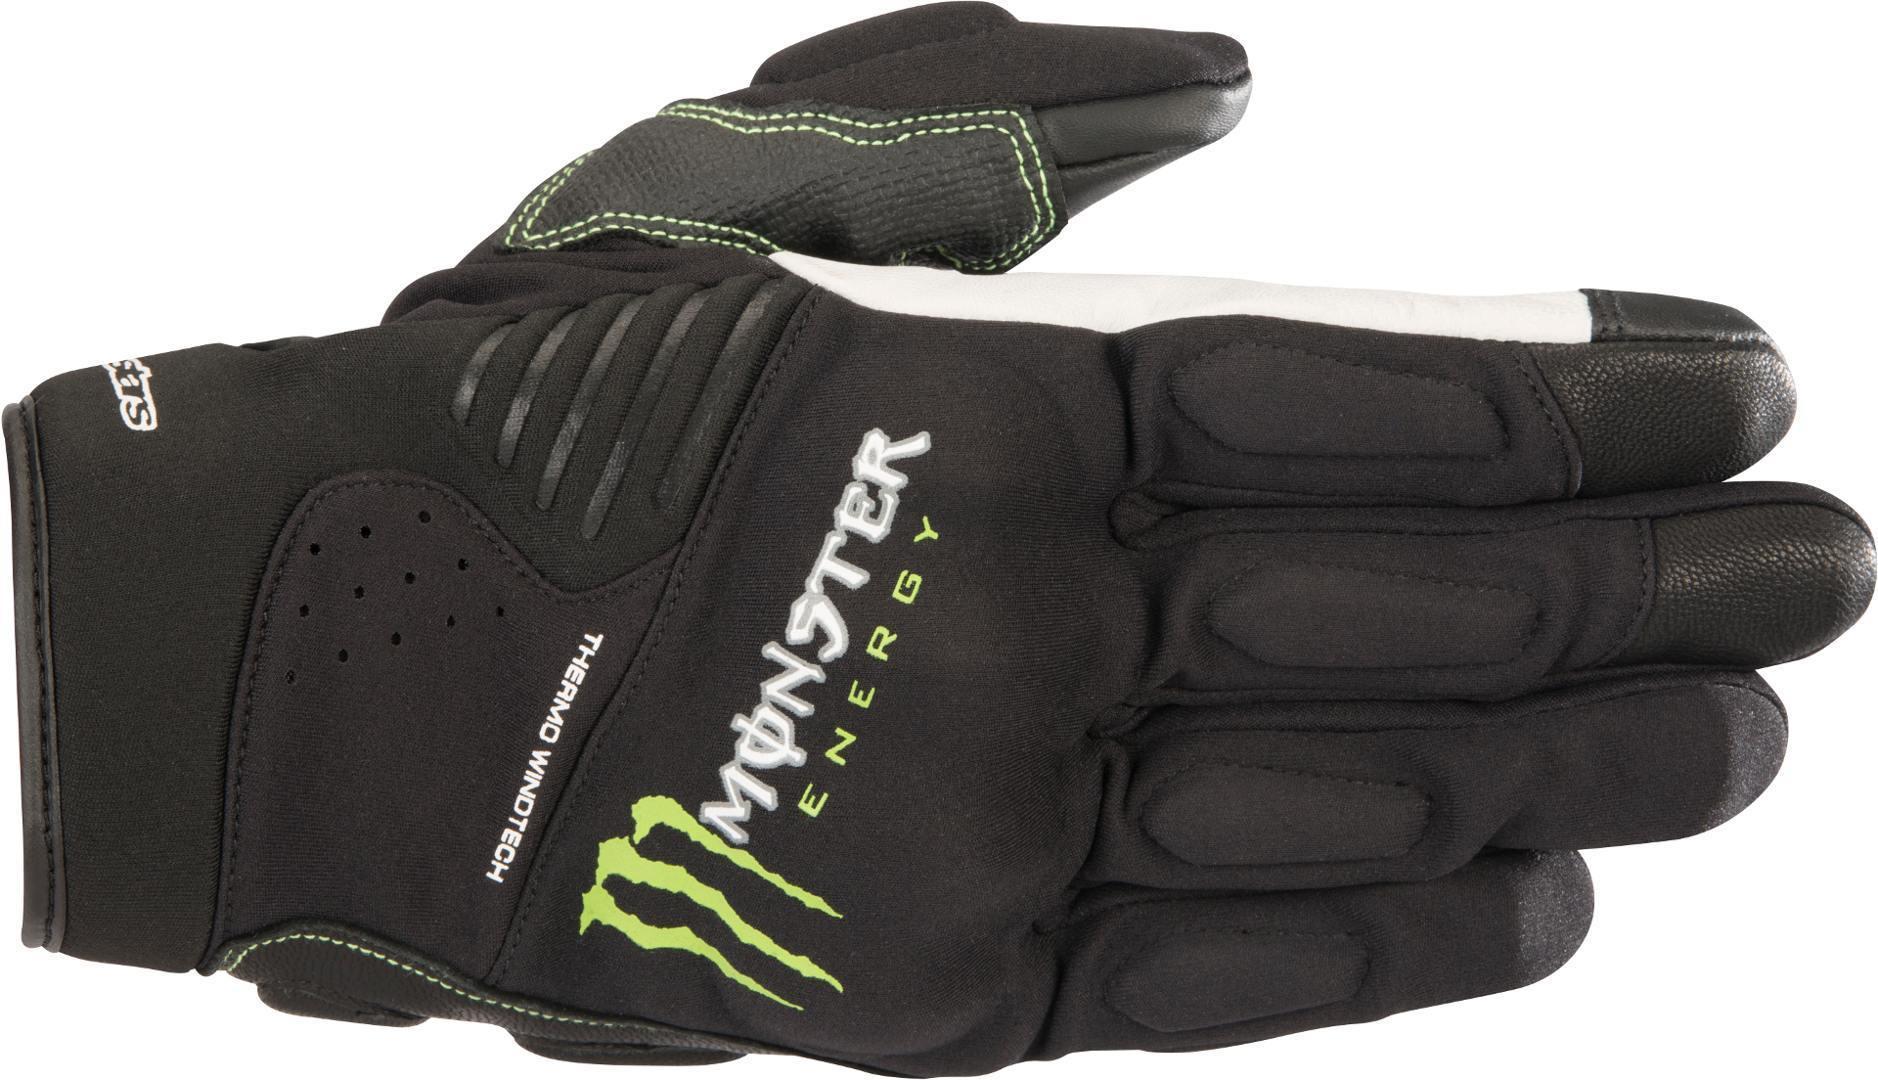 Alpinestars Monster Force Gants de moto Noir Vert taille : 3XL